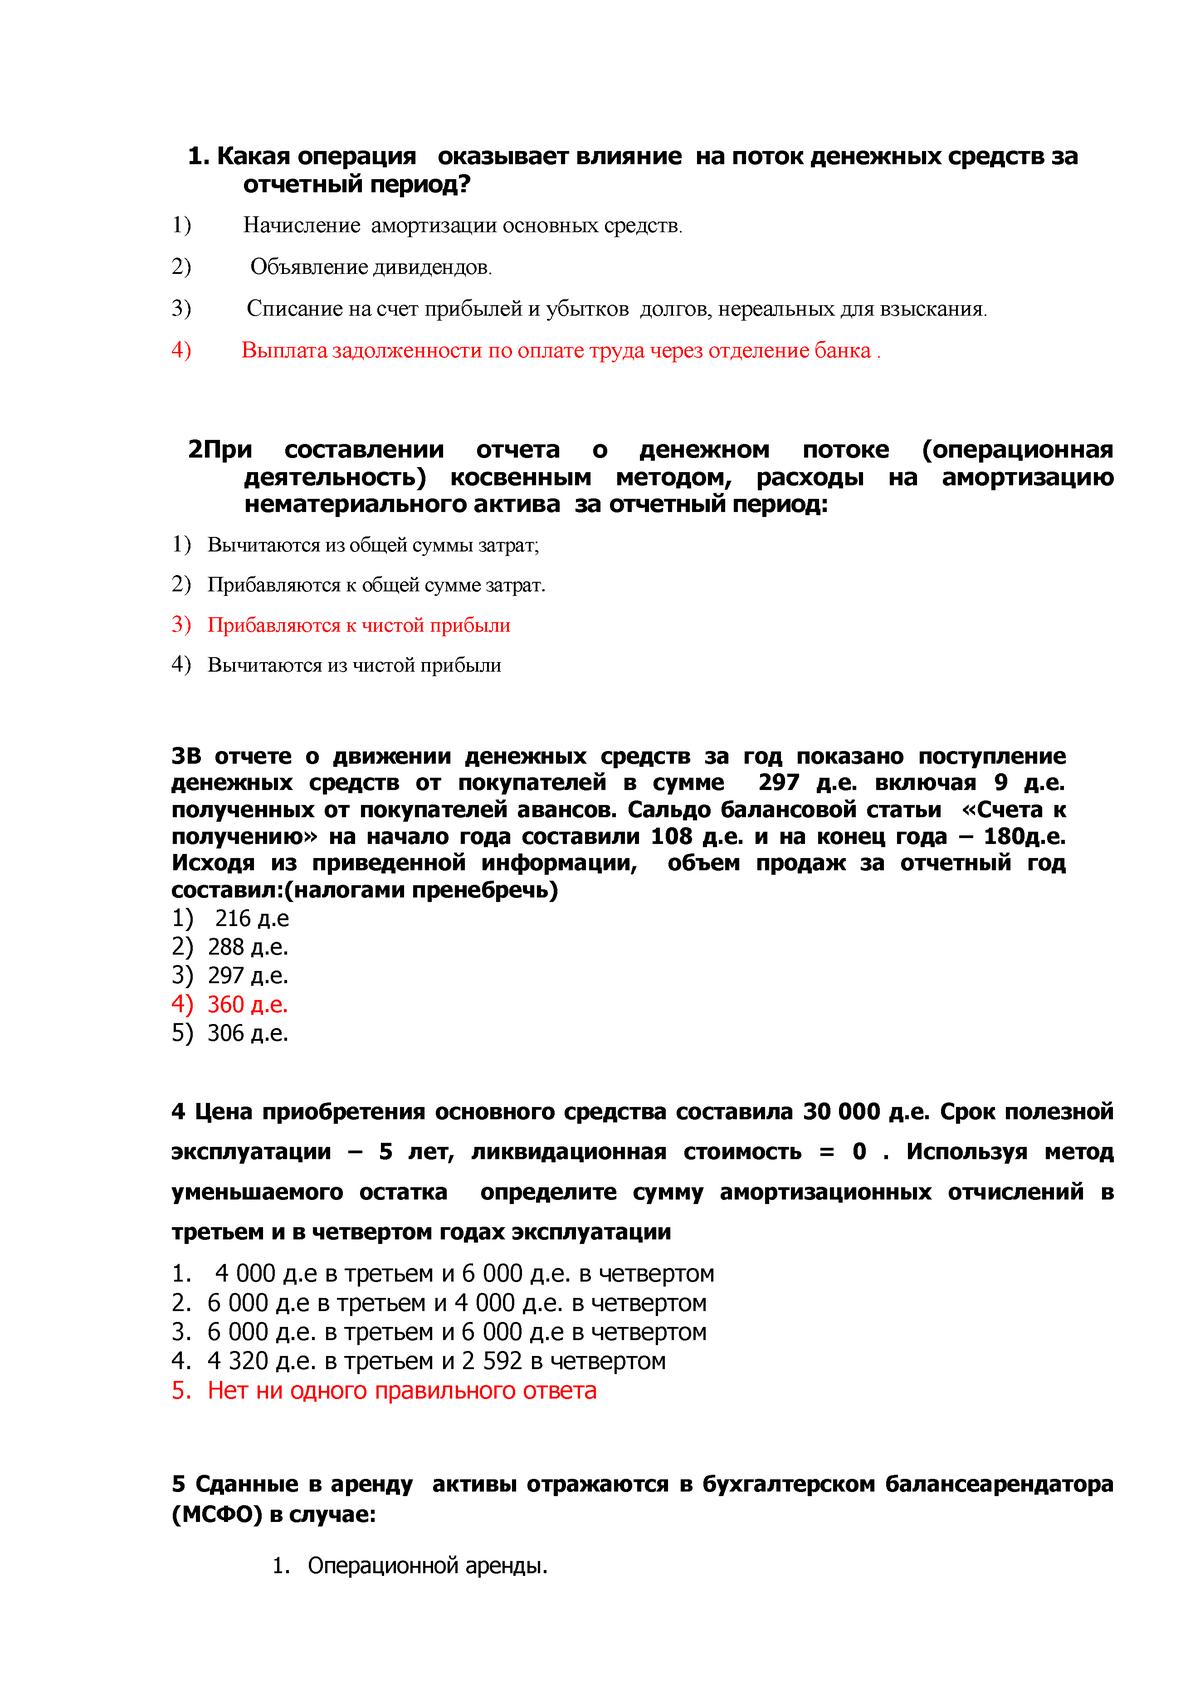 Тесты для бухгалтеров украины онлайн вопросы по государственной регистрации юл и ип